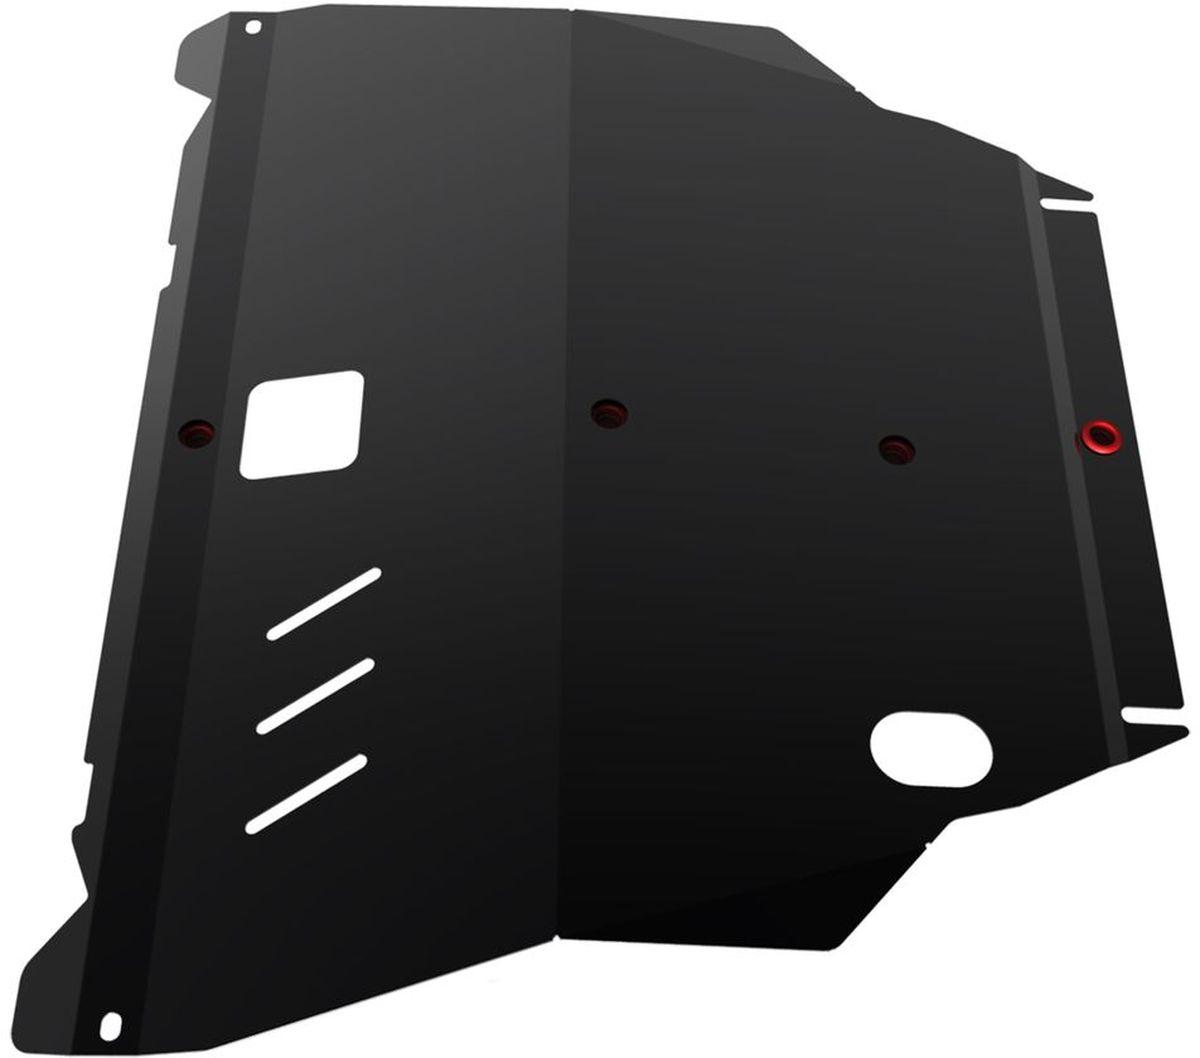 Защита картера Автоброня Nissan X-Trail 2001-2007, сталь 2 мм111.04138.1Защита картера Автоброня Nissan X-Trail 2001-2007, сталь 2 мм, комплект крепежа, 111.04138.1Стальные защиты Автоброня надежно защищают ваш автомобиль от повреждений при наезде на бордюры, выступающие канализационные люки, кромки поврежденного асфальта или при ремонте дорог, не говоря уже о загородных дорогах.- Имеют оптимальное соотношение цена-качество.- Спроектированы с учетом особенностей автомобиля, что делает установку удобной.- Защита устанавливается в штатные места кузова автомобиля.- Является надежной защитой для важных элементов на протяжении долгих лет.- Глубокий штамп дополнительно усиливает конструкцию защиты.- Подштамповка в местах крепления защищает крепеж от срезания.- Технологические отверстия там, где они необходимы для смены масла и слива воды, оборудованные заглушками, закрепленными на защите.Толщина стали 2 мм.В комплекте крепеж и инструкция по установке.